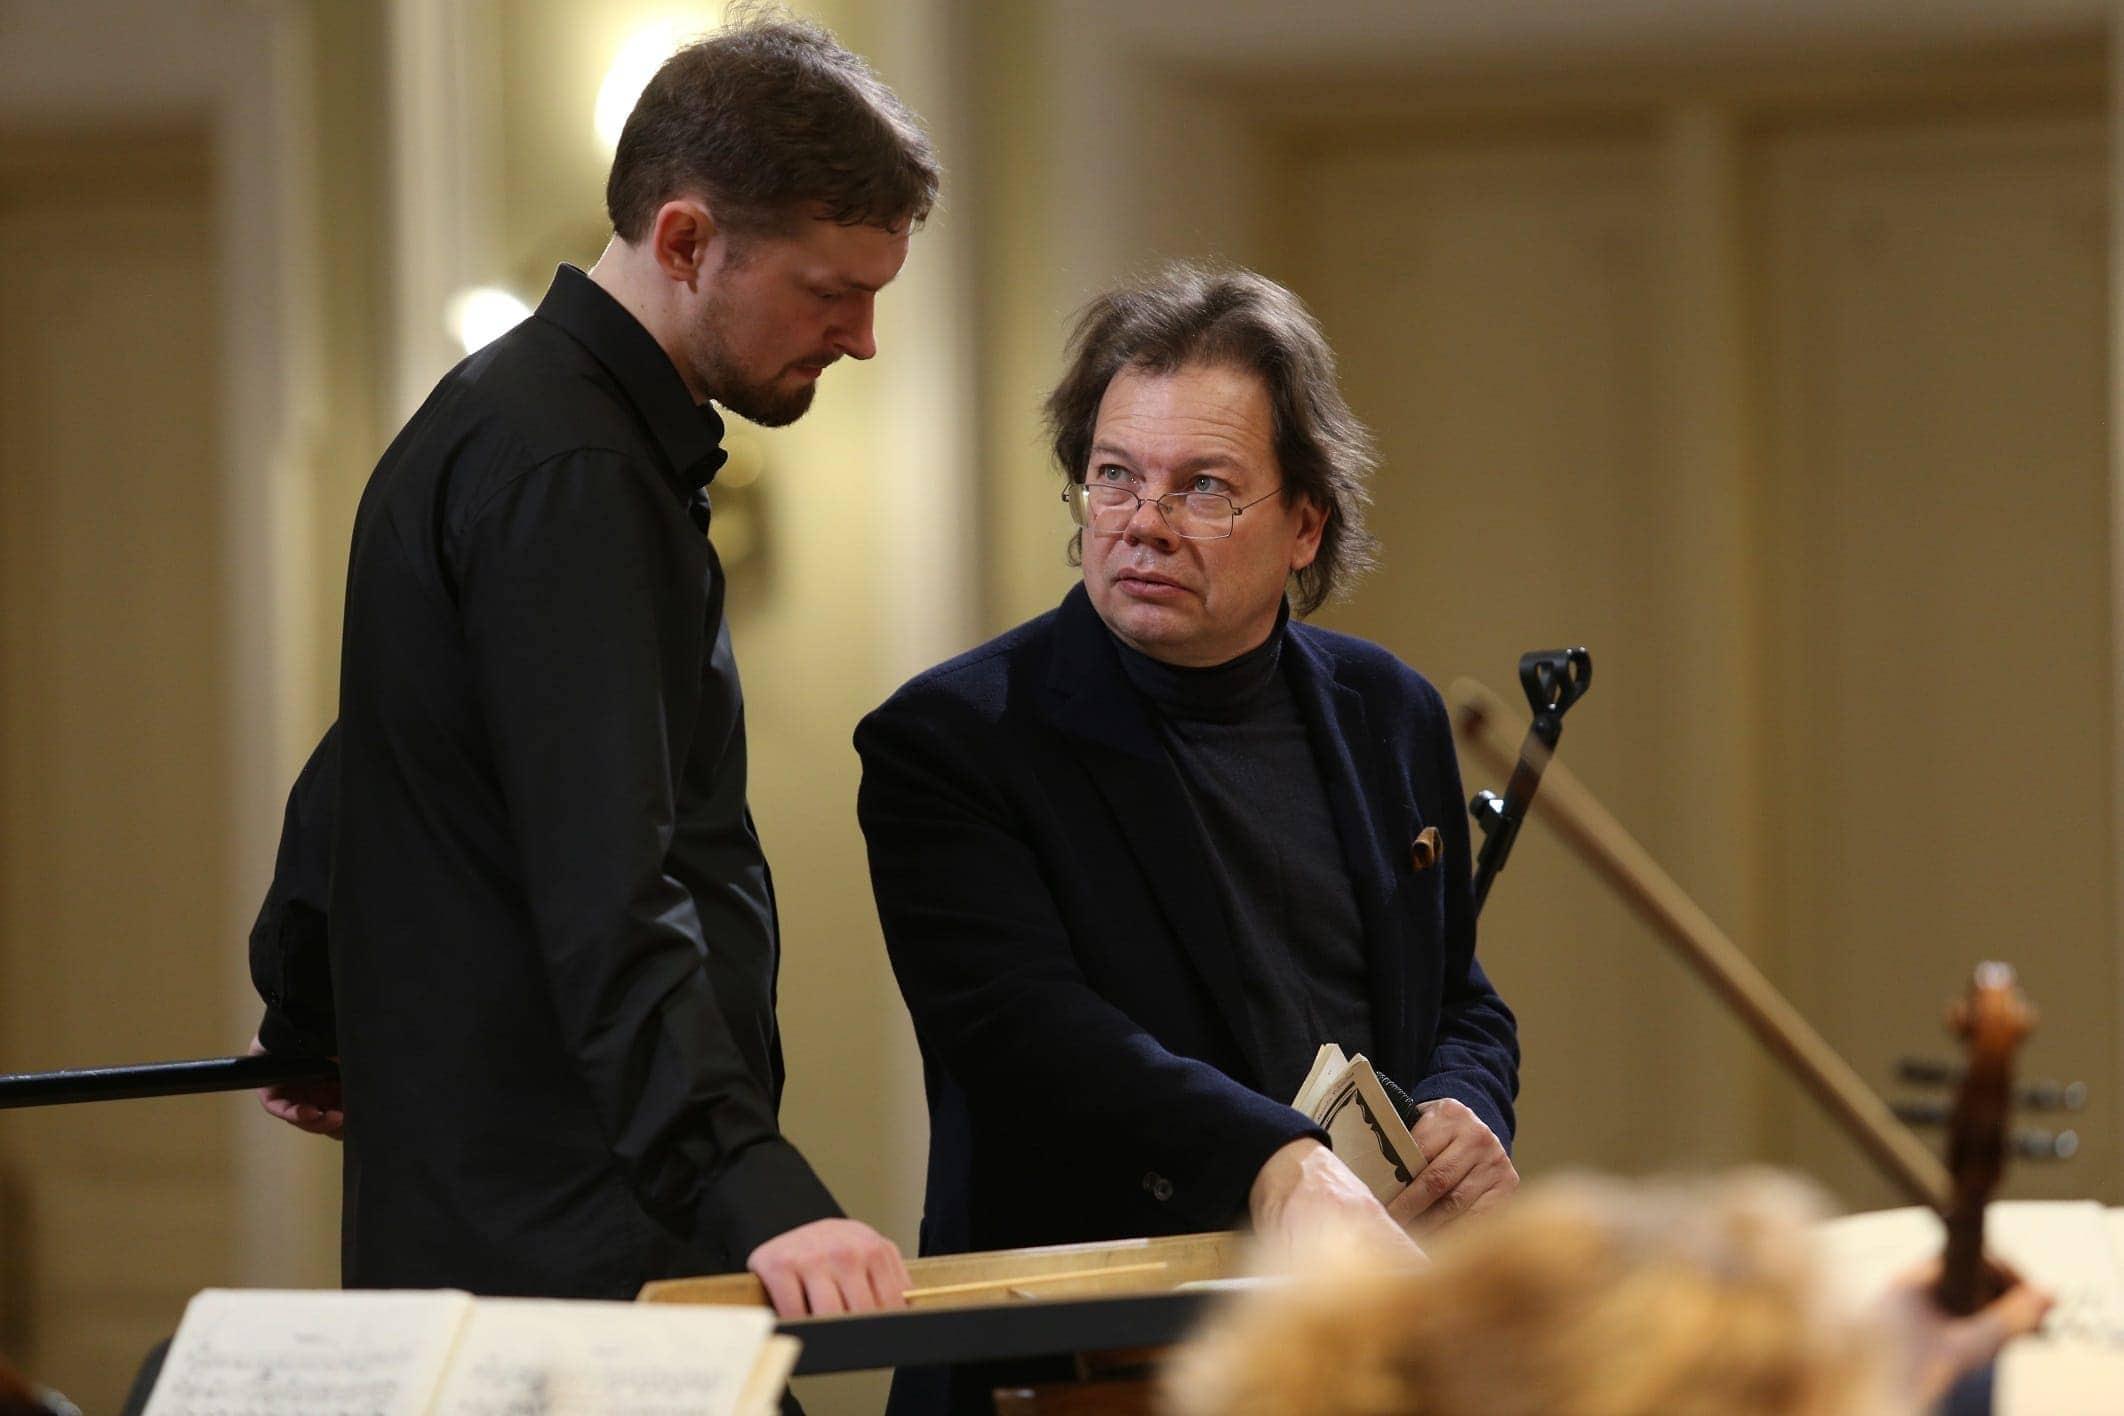 В рамках фестиваля мастер-классы по дирижированию провёл Александр Ведерников